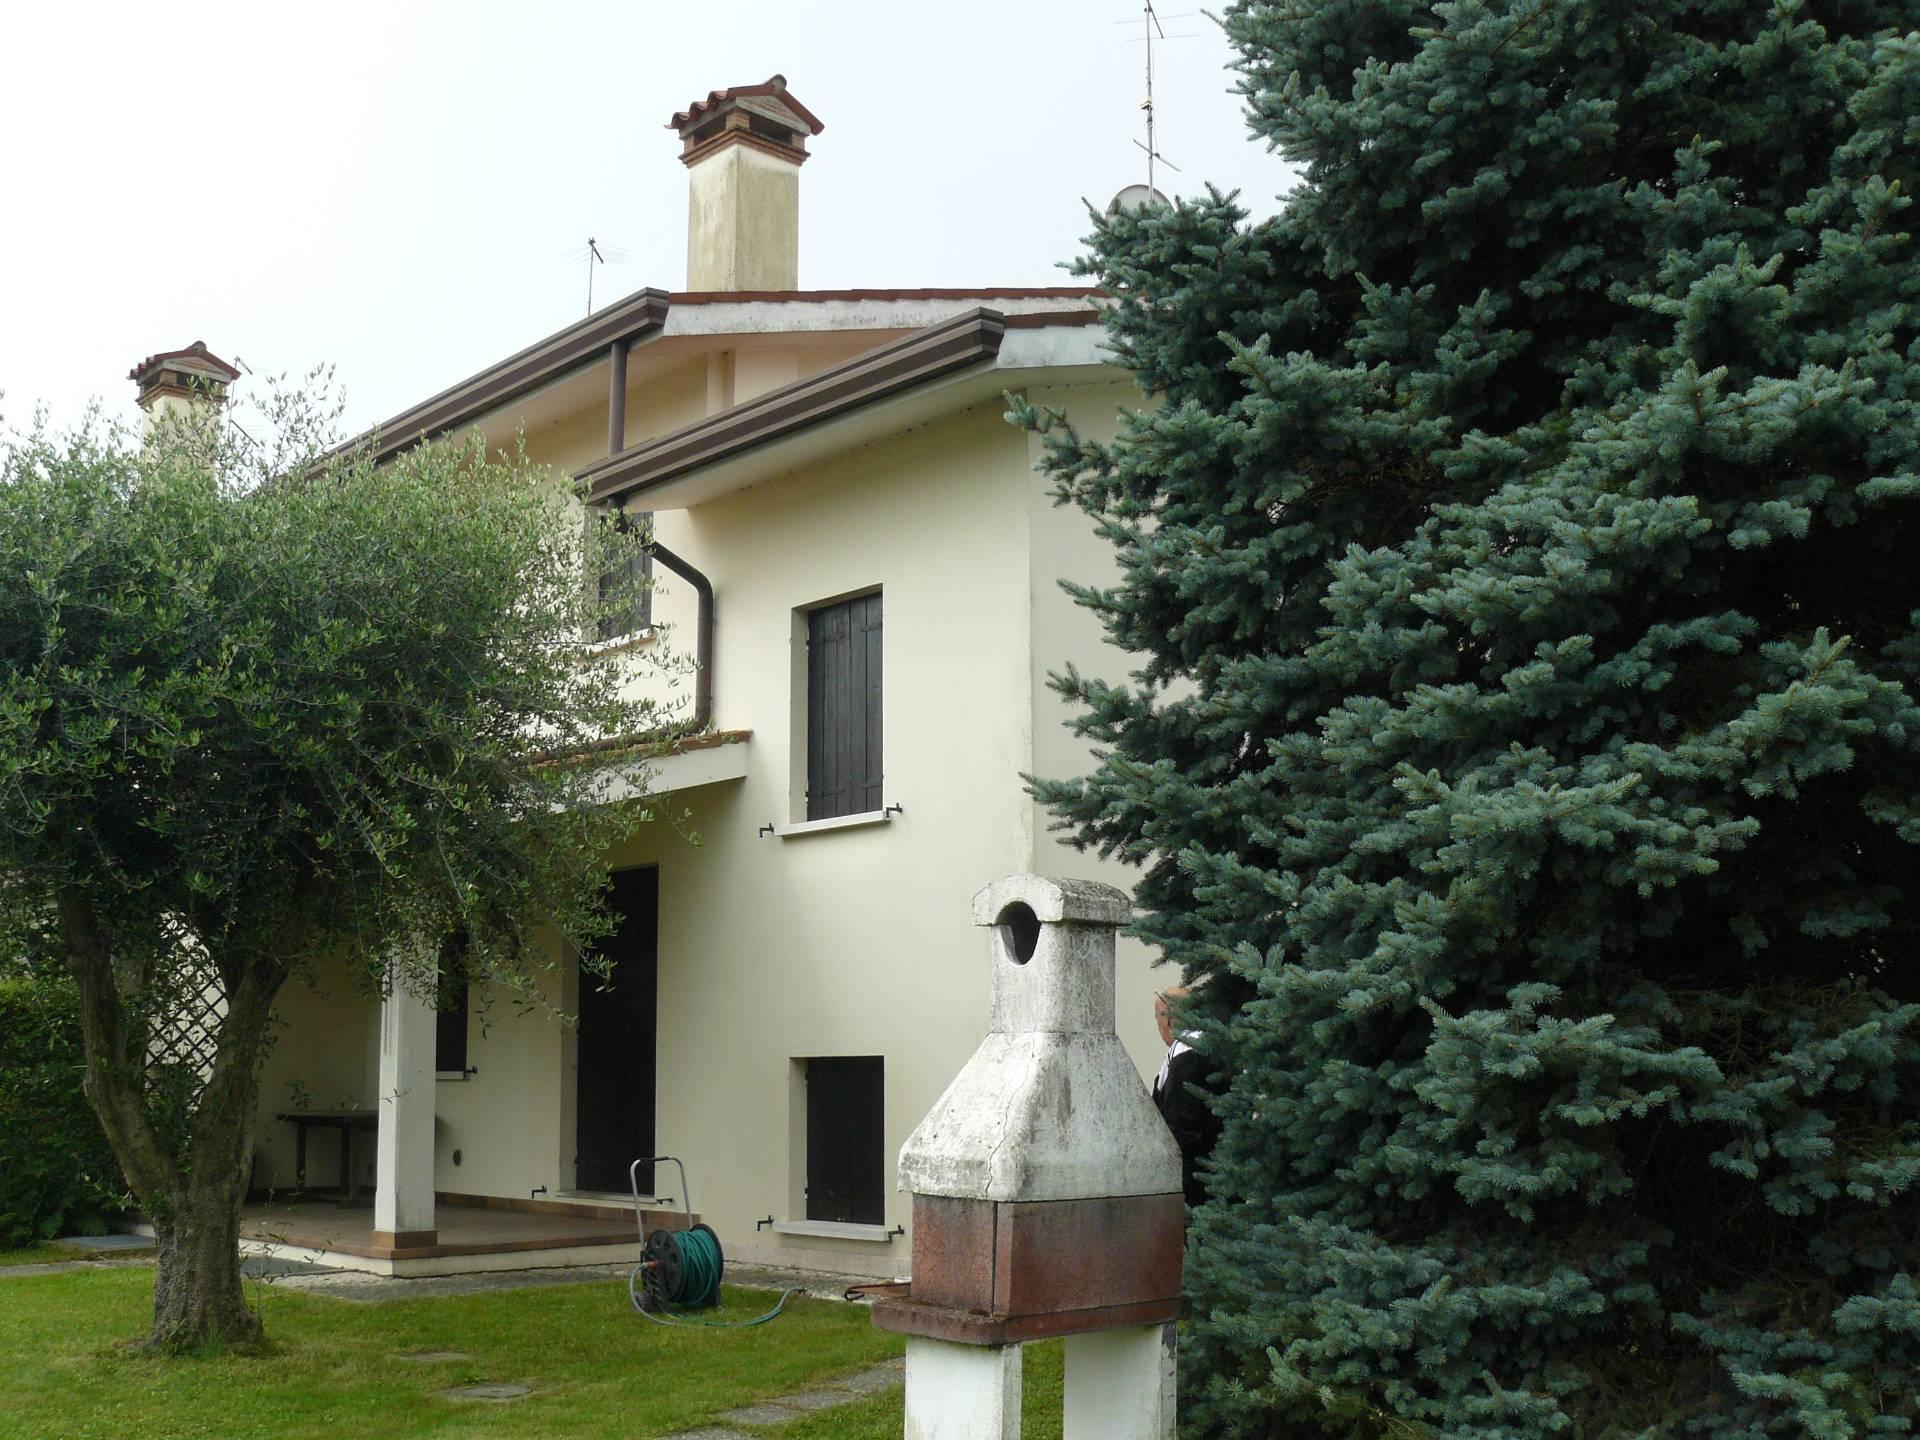 Villa in vendita a Breda di Piave, 13 locali, zona Località: Breda, prezzo € 195.000 | Cambio Casa.it